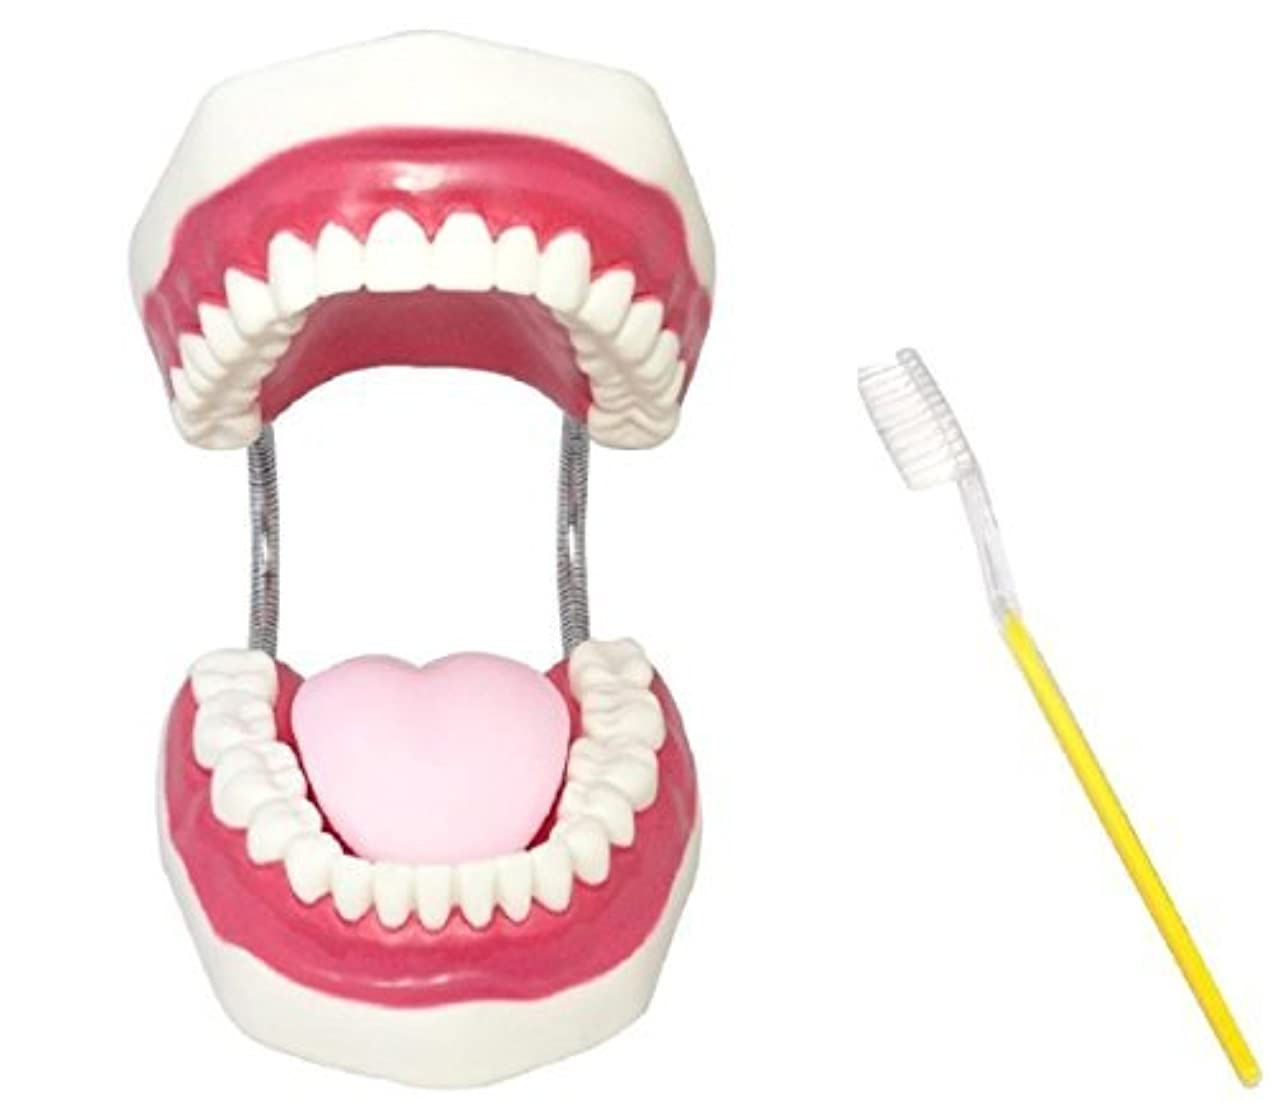 寸法カーフ津波cmy selectt 歯 模型 歯列模型 歯模型 歯列 模型 大型 モデル 無段階 開閉式 歯ブラシ セット